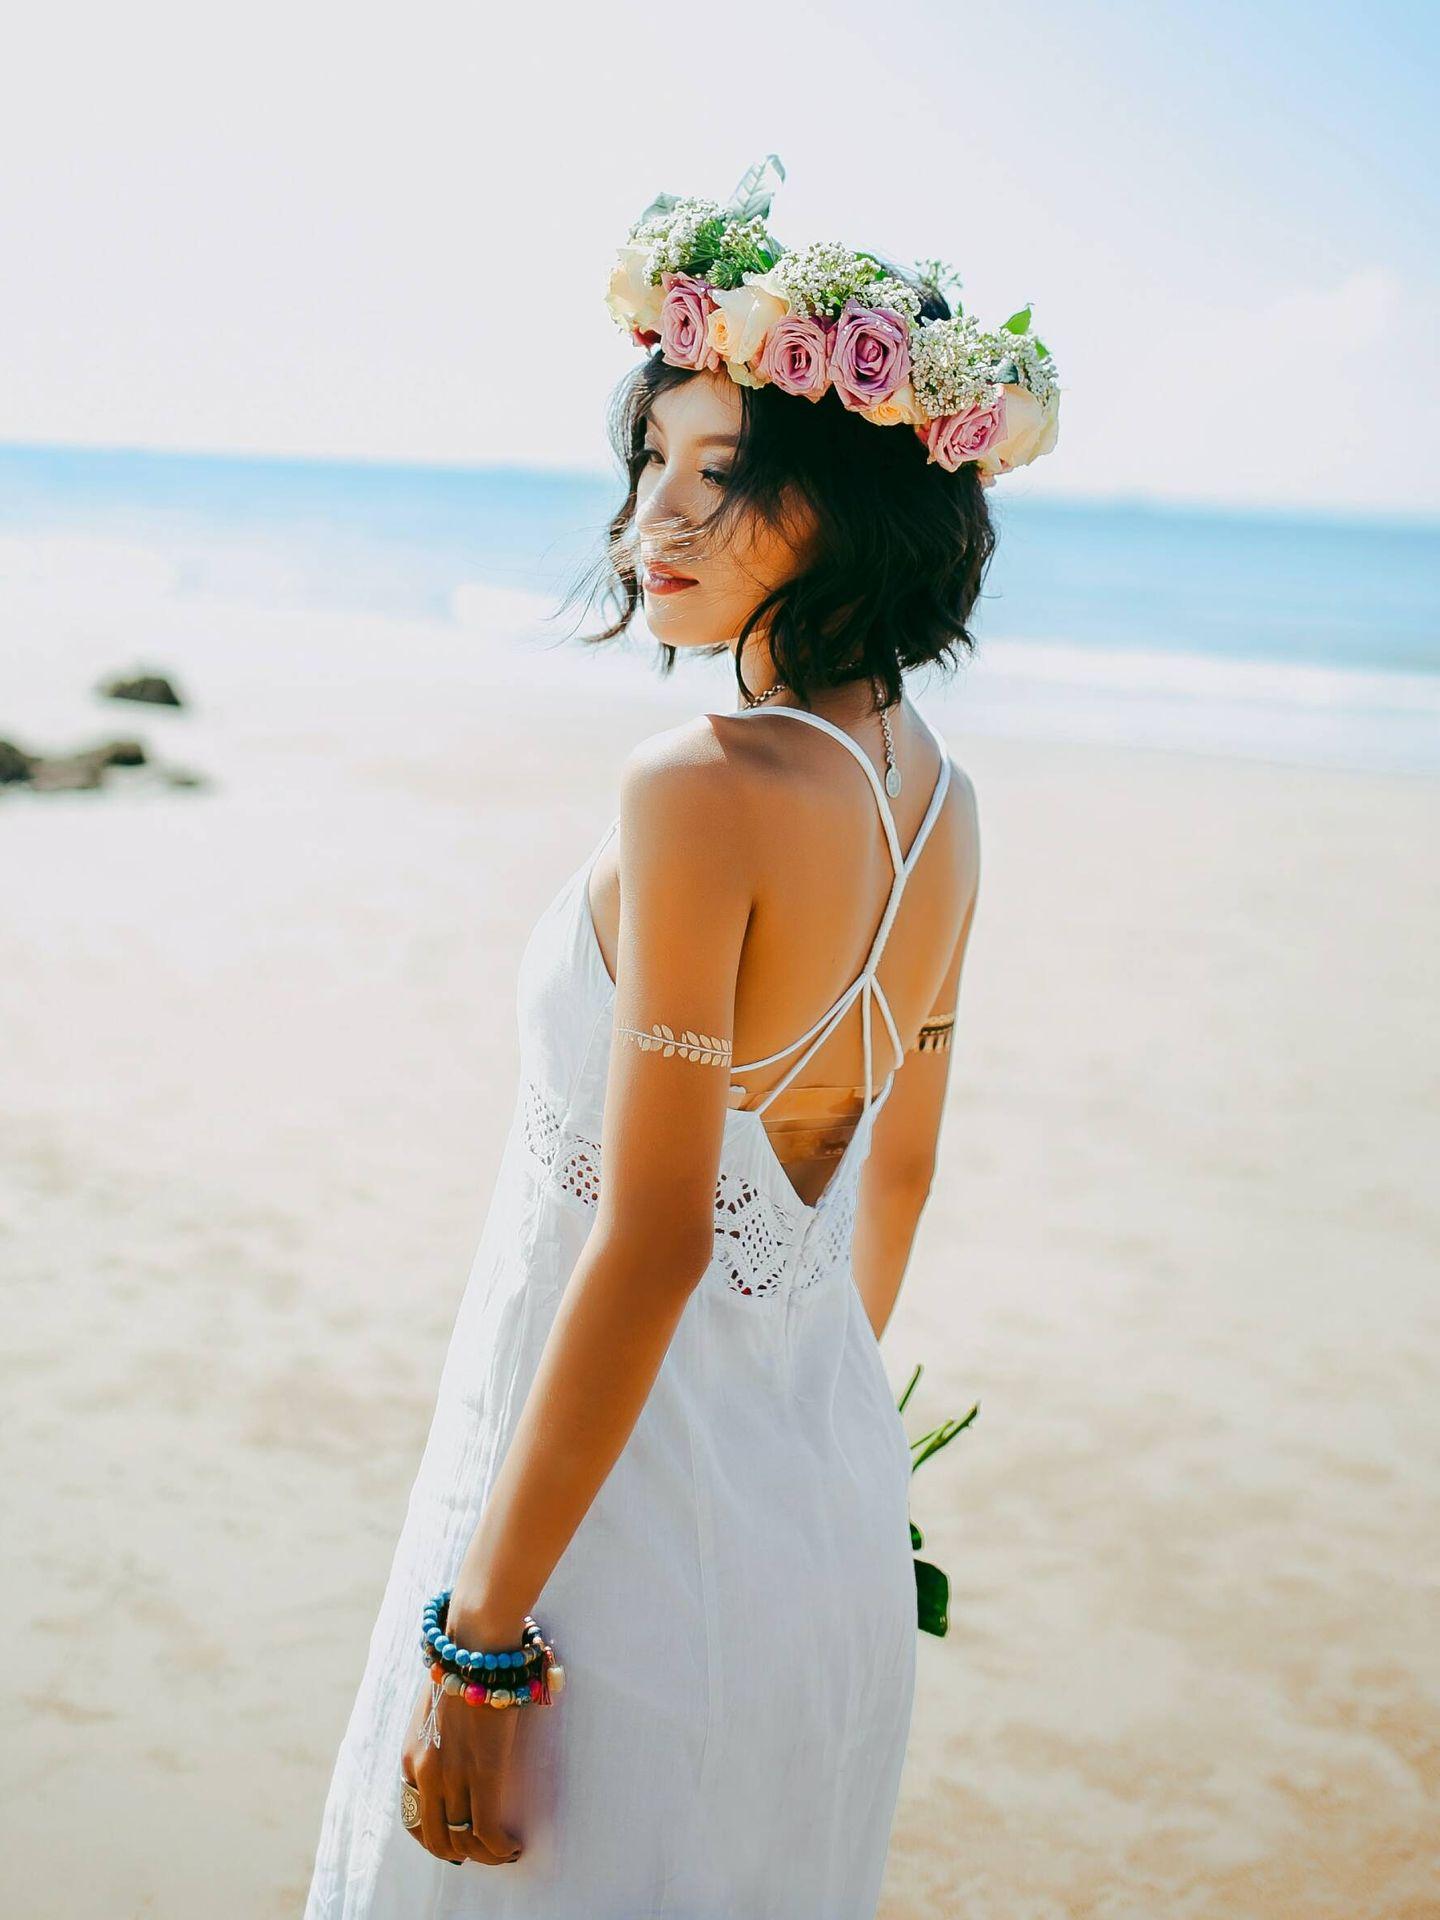 Cómo escoger el vestido de novia para una boda en la playa. (Anthony Tran para Unsplash)